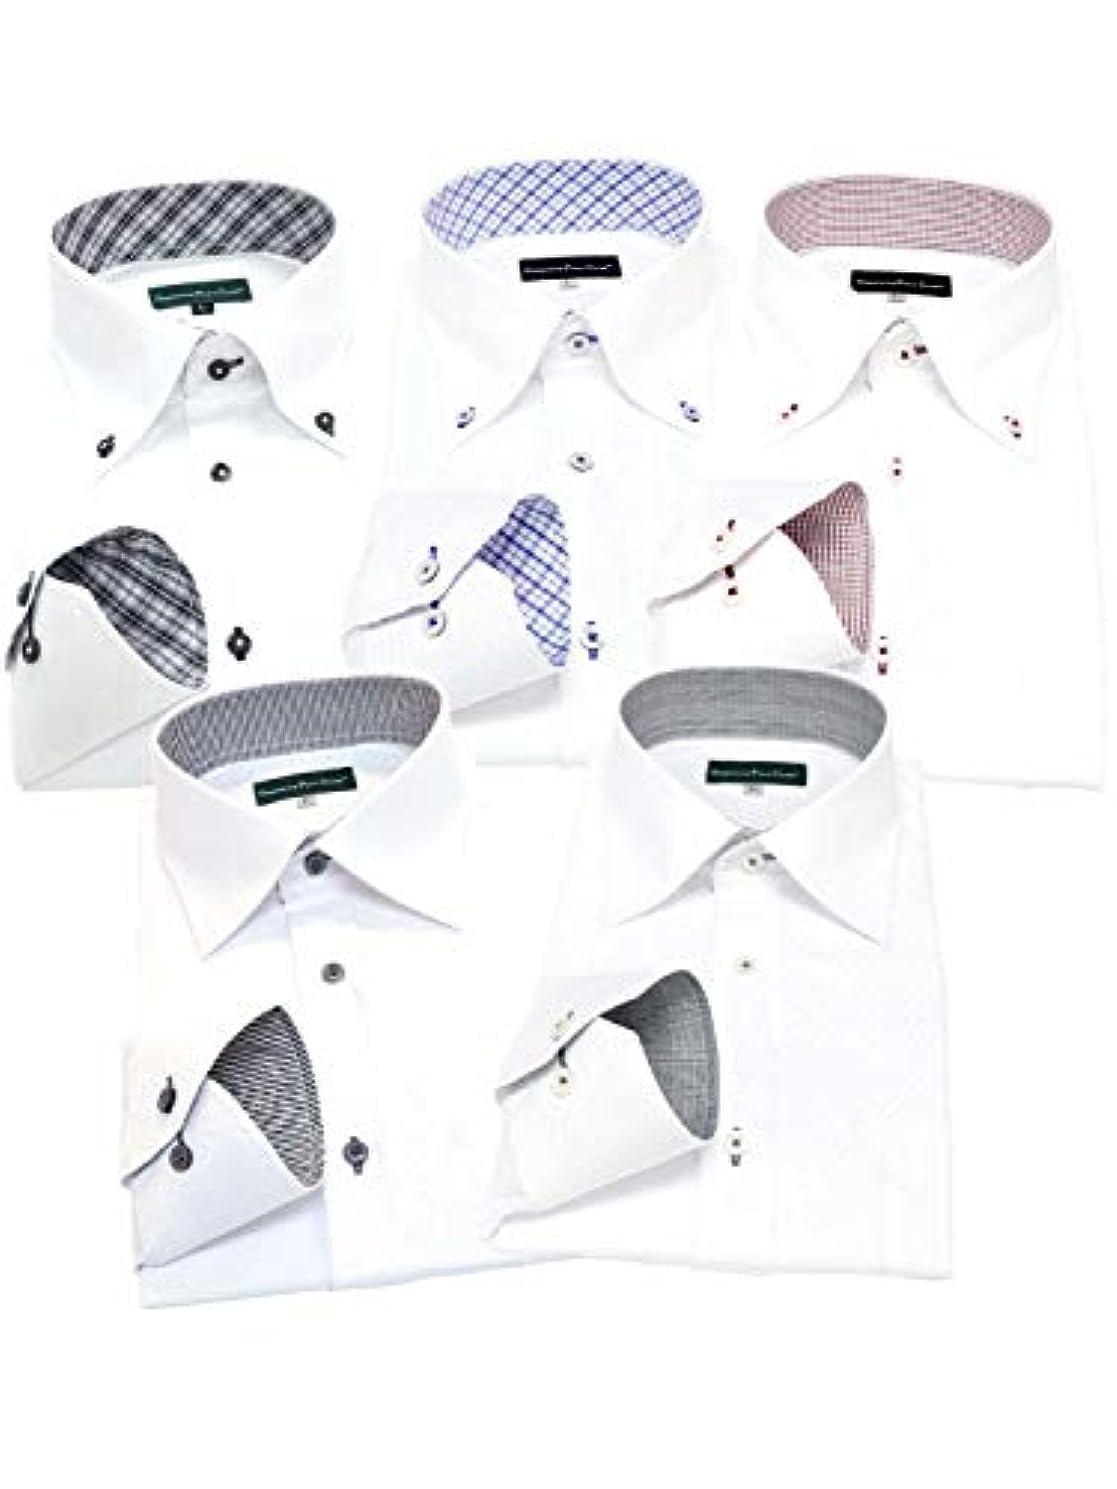 不名誉ブラウスマッシュGREENWICH POLO CLUB(グリニッジポロクラブ) 長袖ワイシャツ 5枚セット メンズ pb 333-L